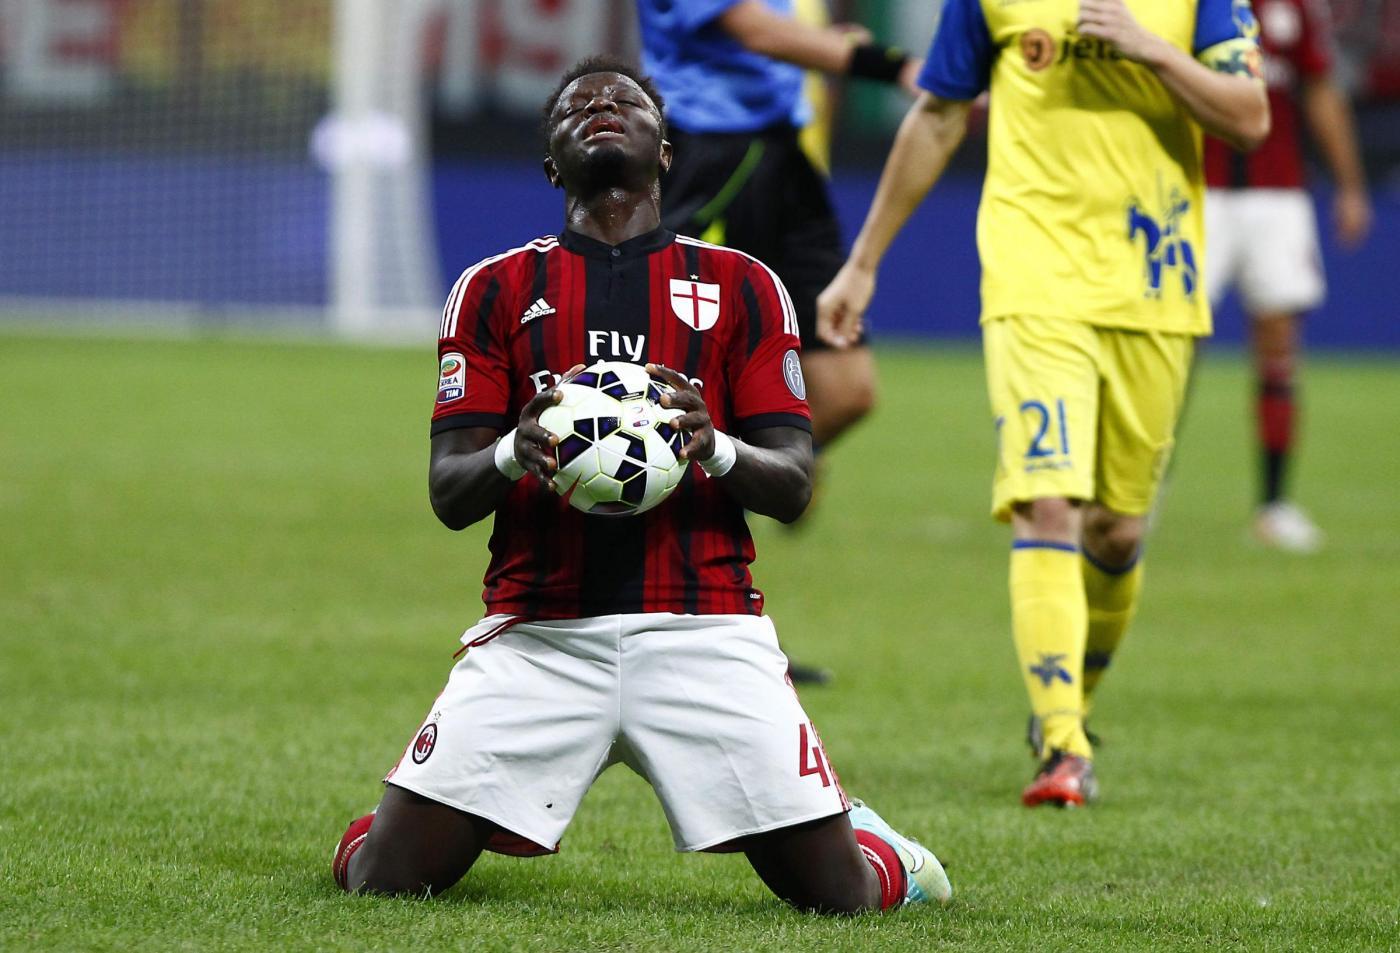 Il Milan va a Verona per sfidare il Chievo